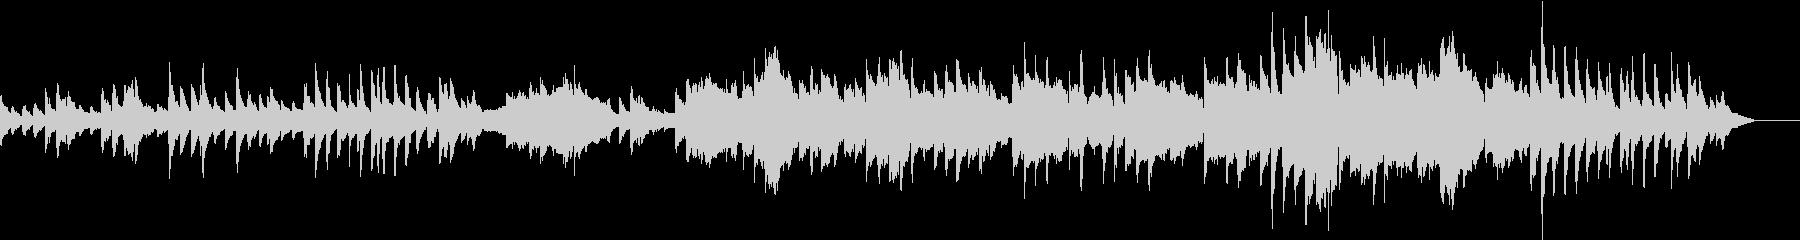 有名歌曲 オンブラマイフ オーボエの未再生の波形